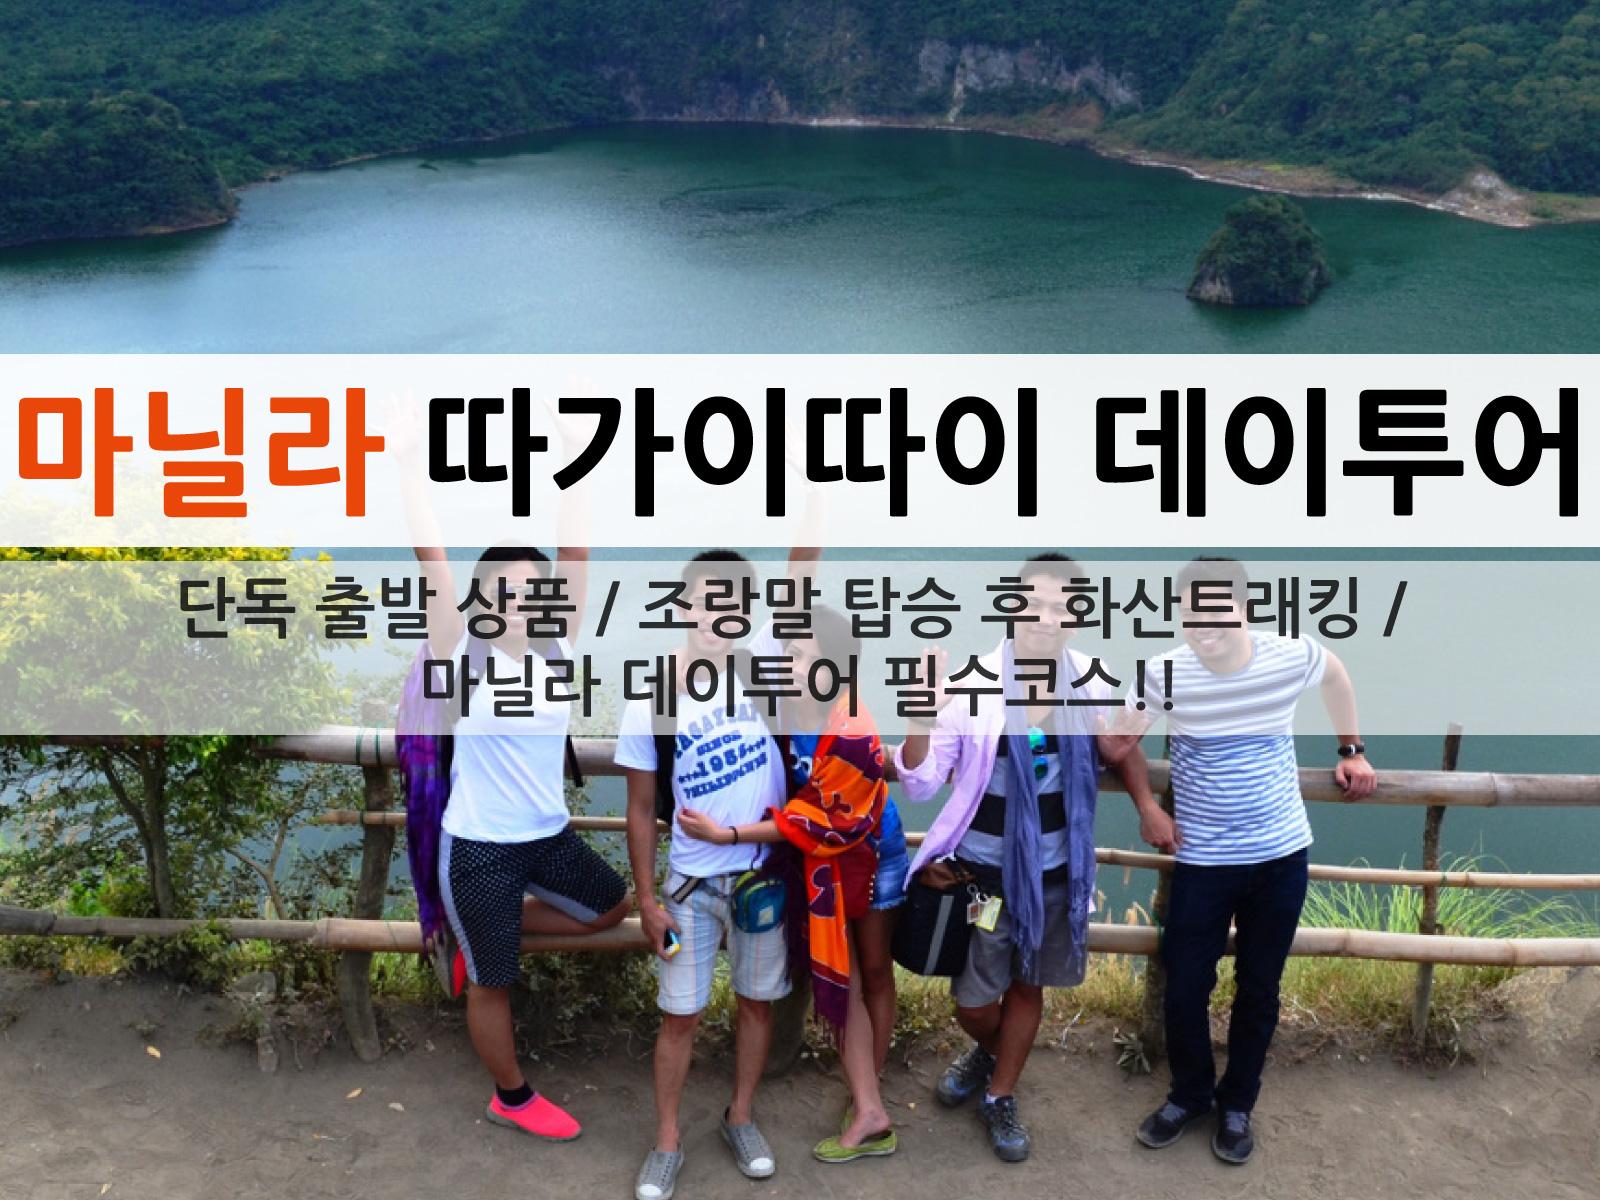 따가이따이 화산 트래킹 (조랑말 탑승) - 마닐라 대표 데이투어!